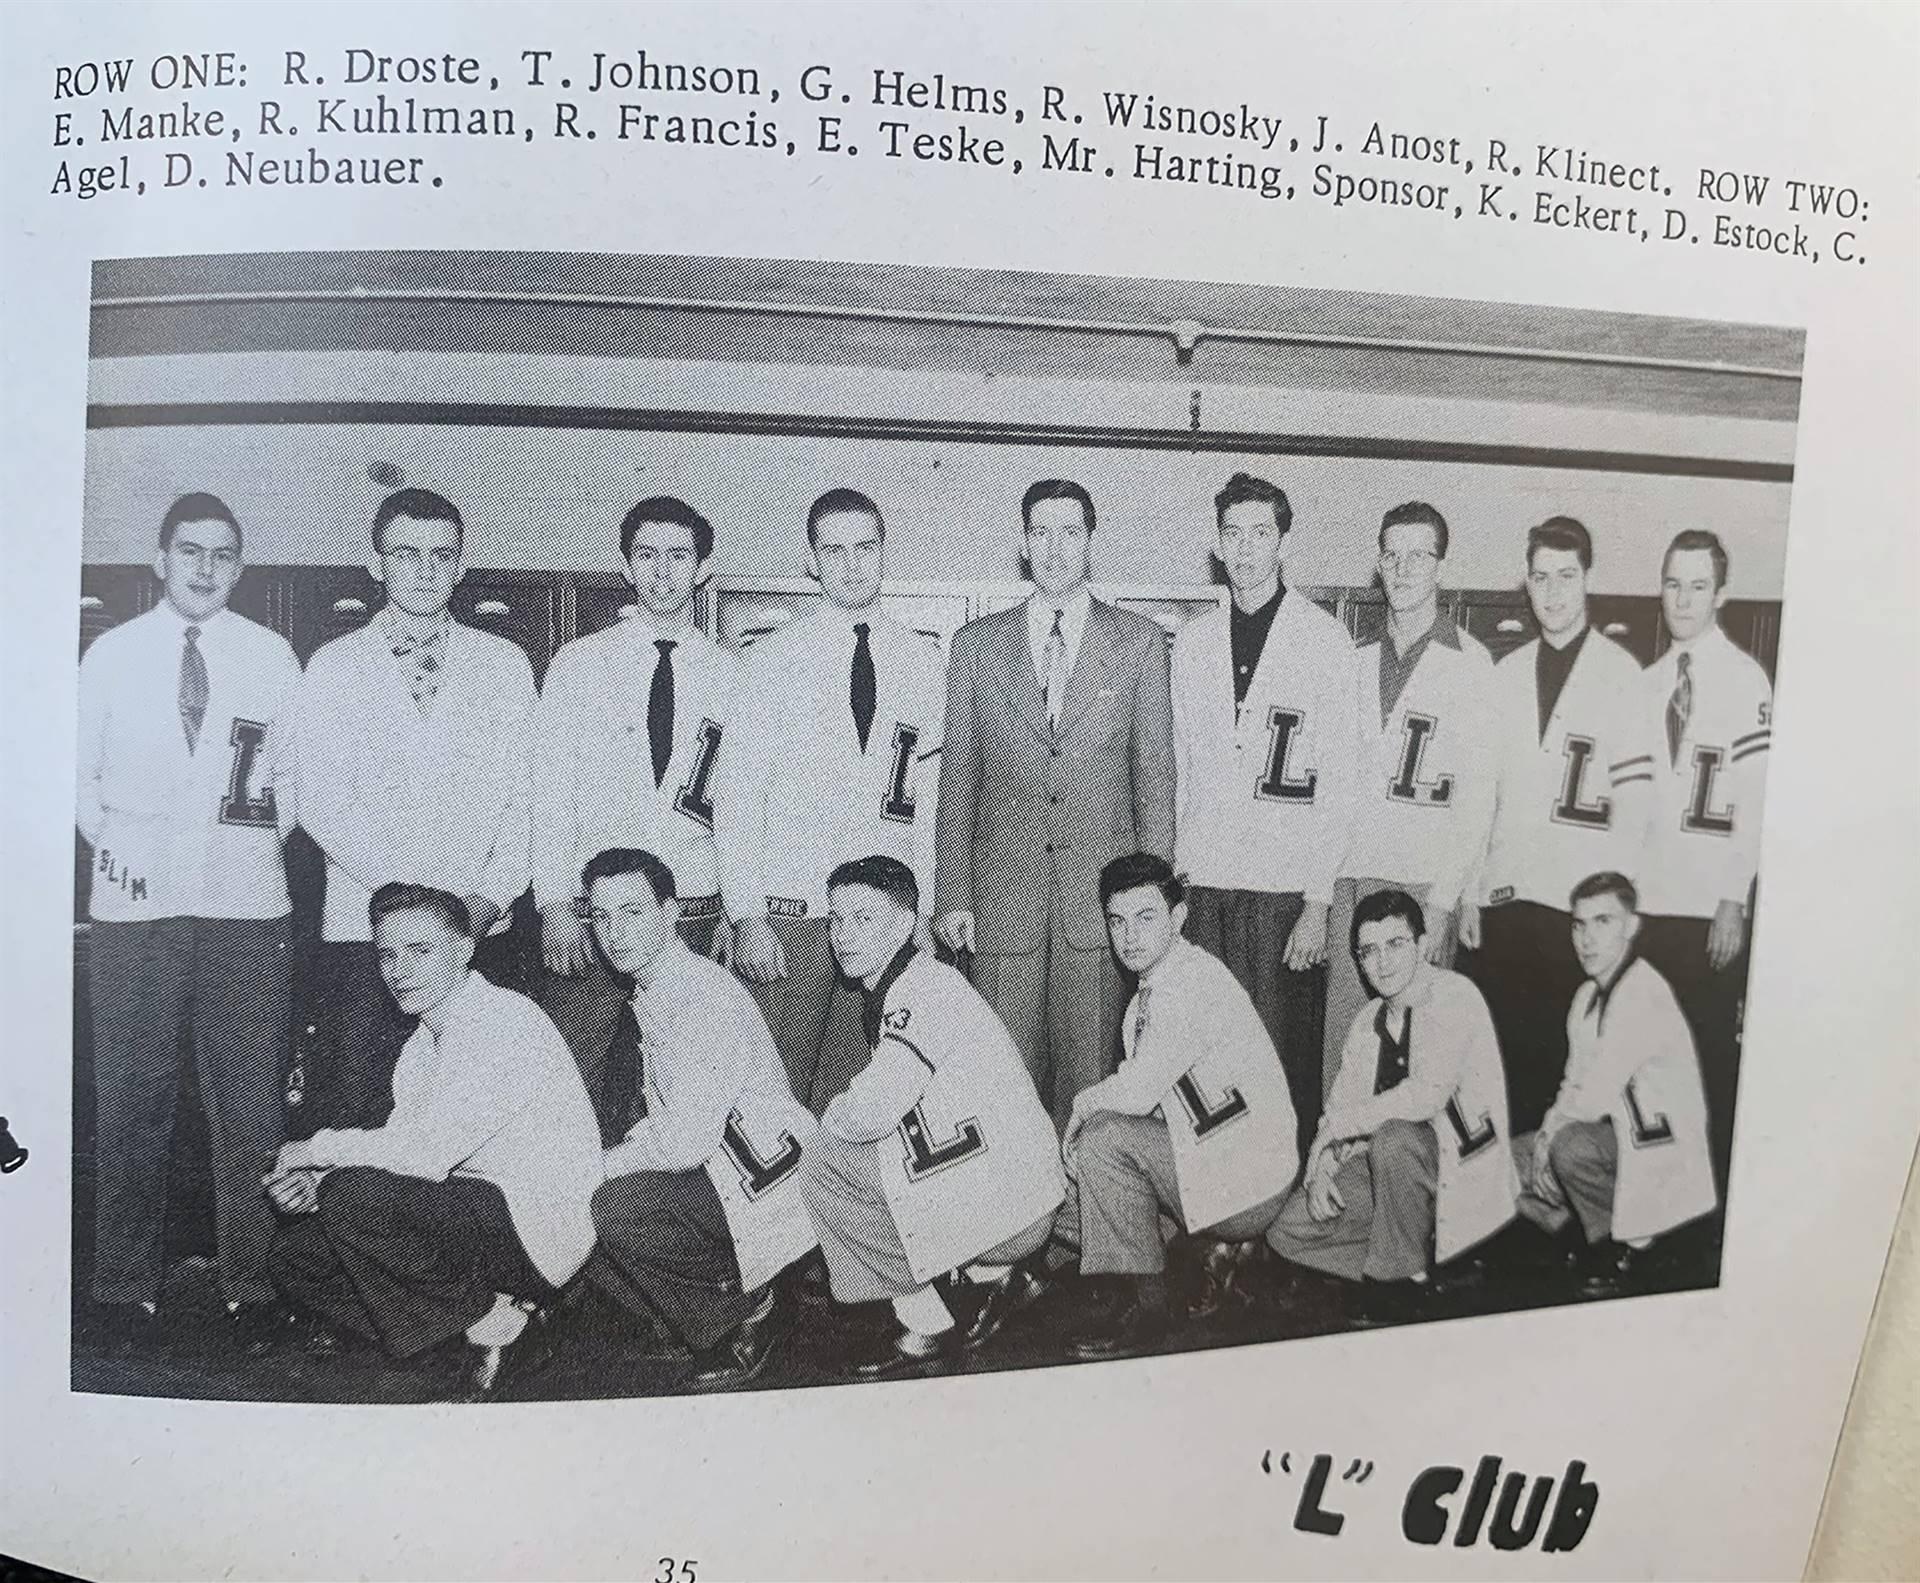 L-Club